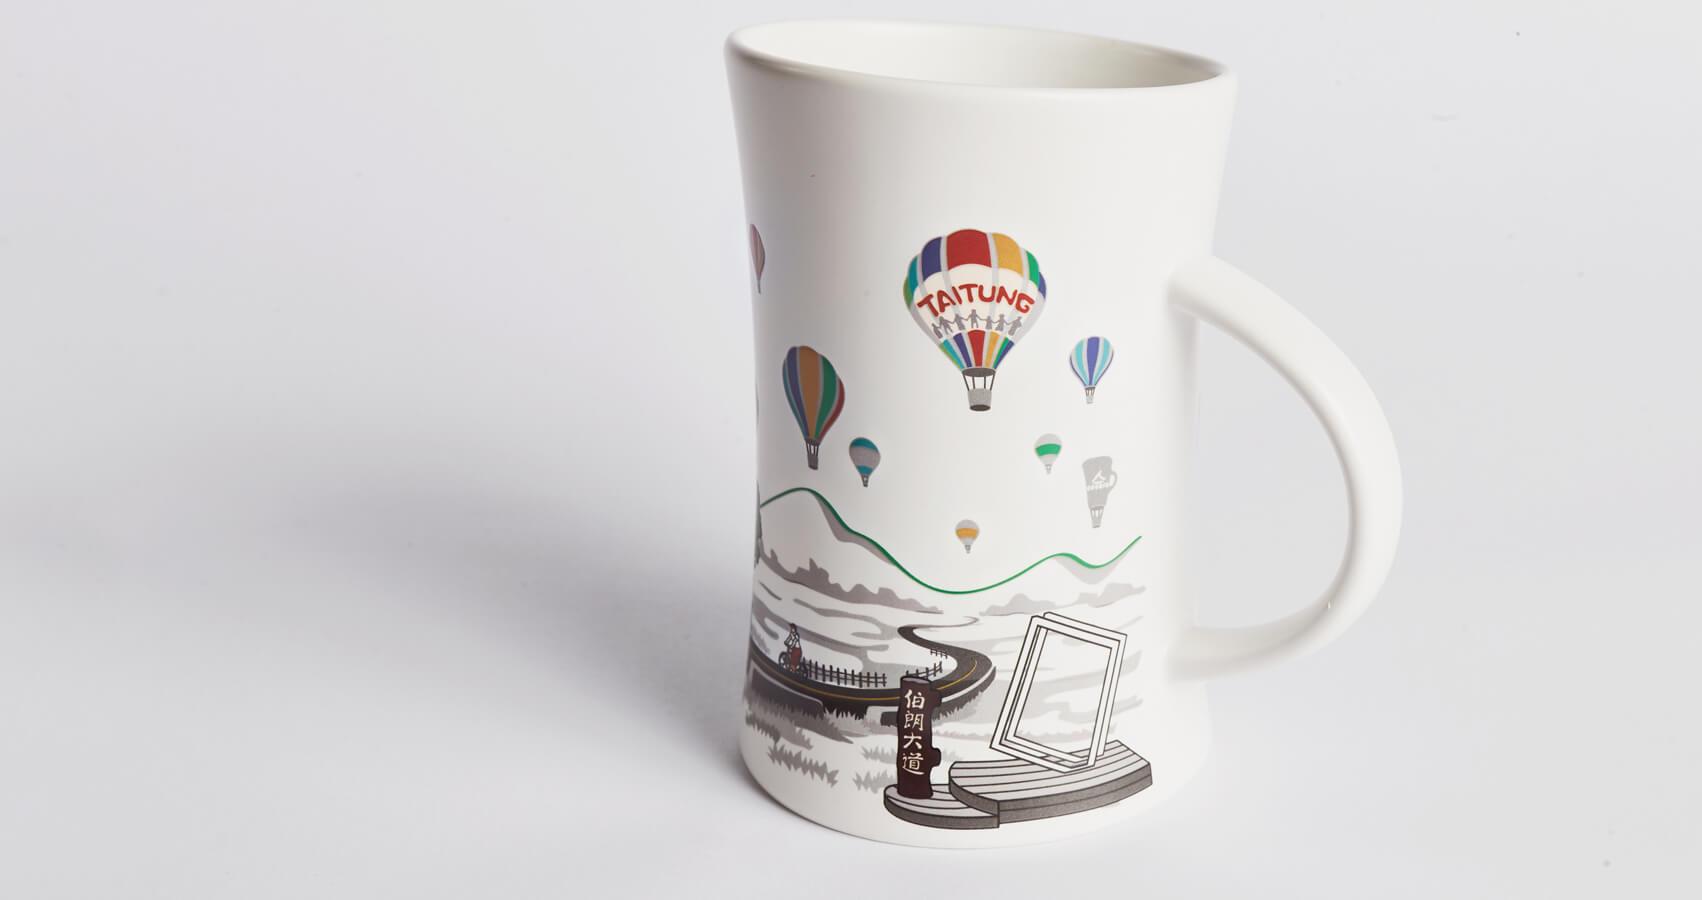 台東變色杯-細節1_1700x900px